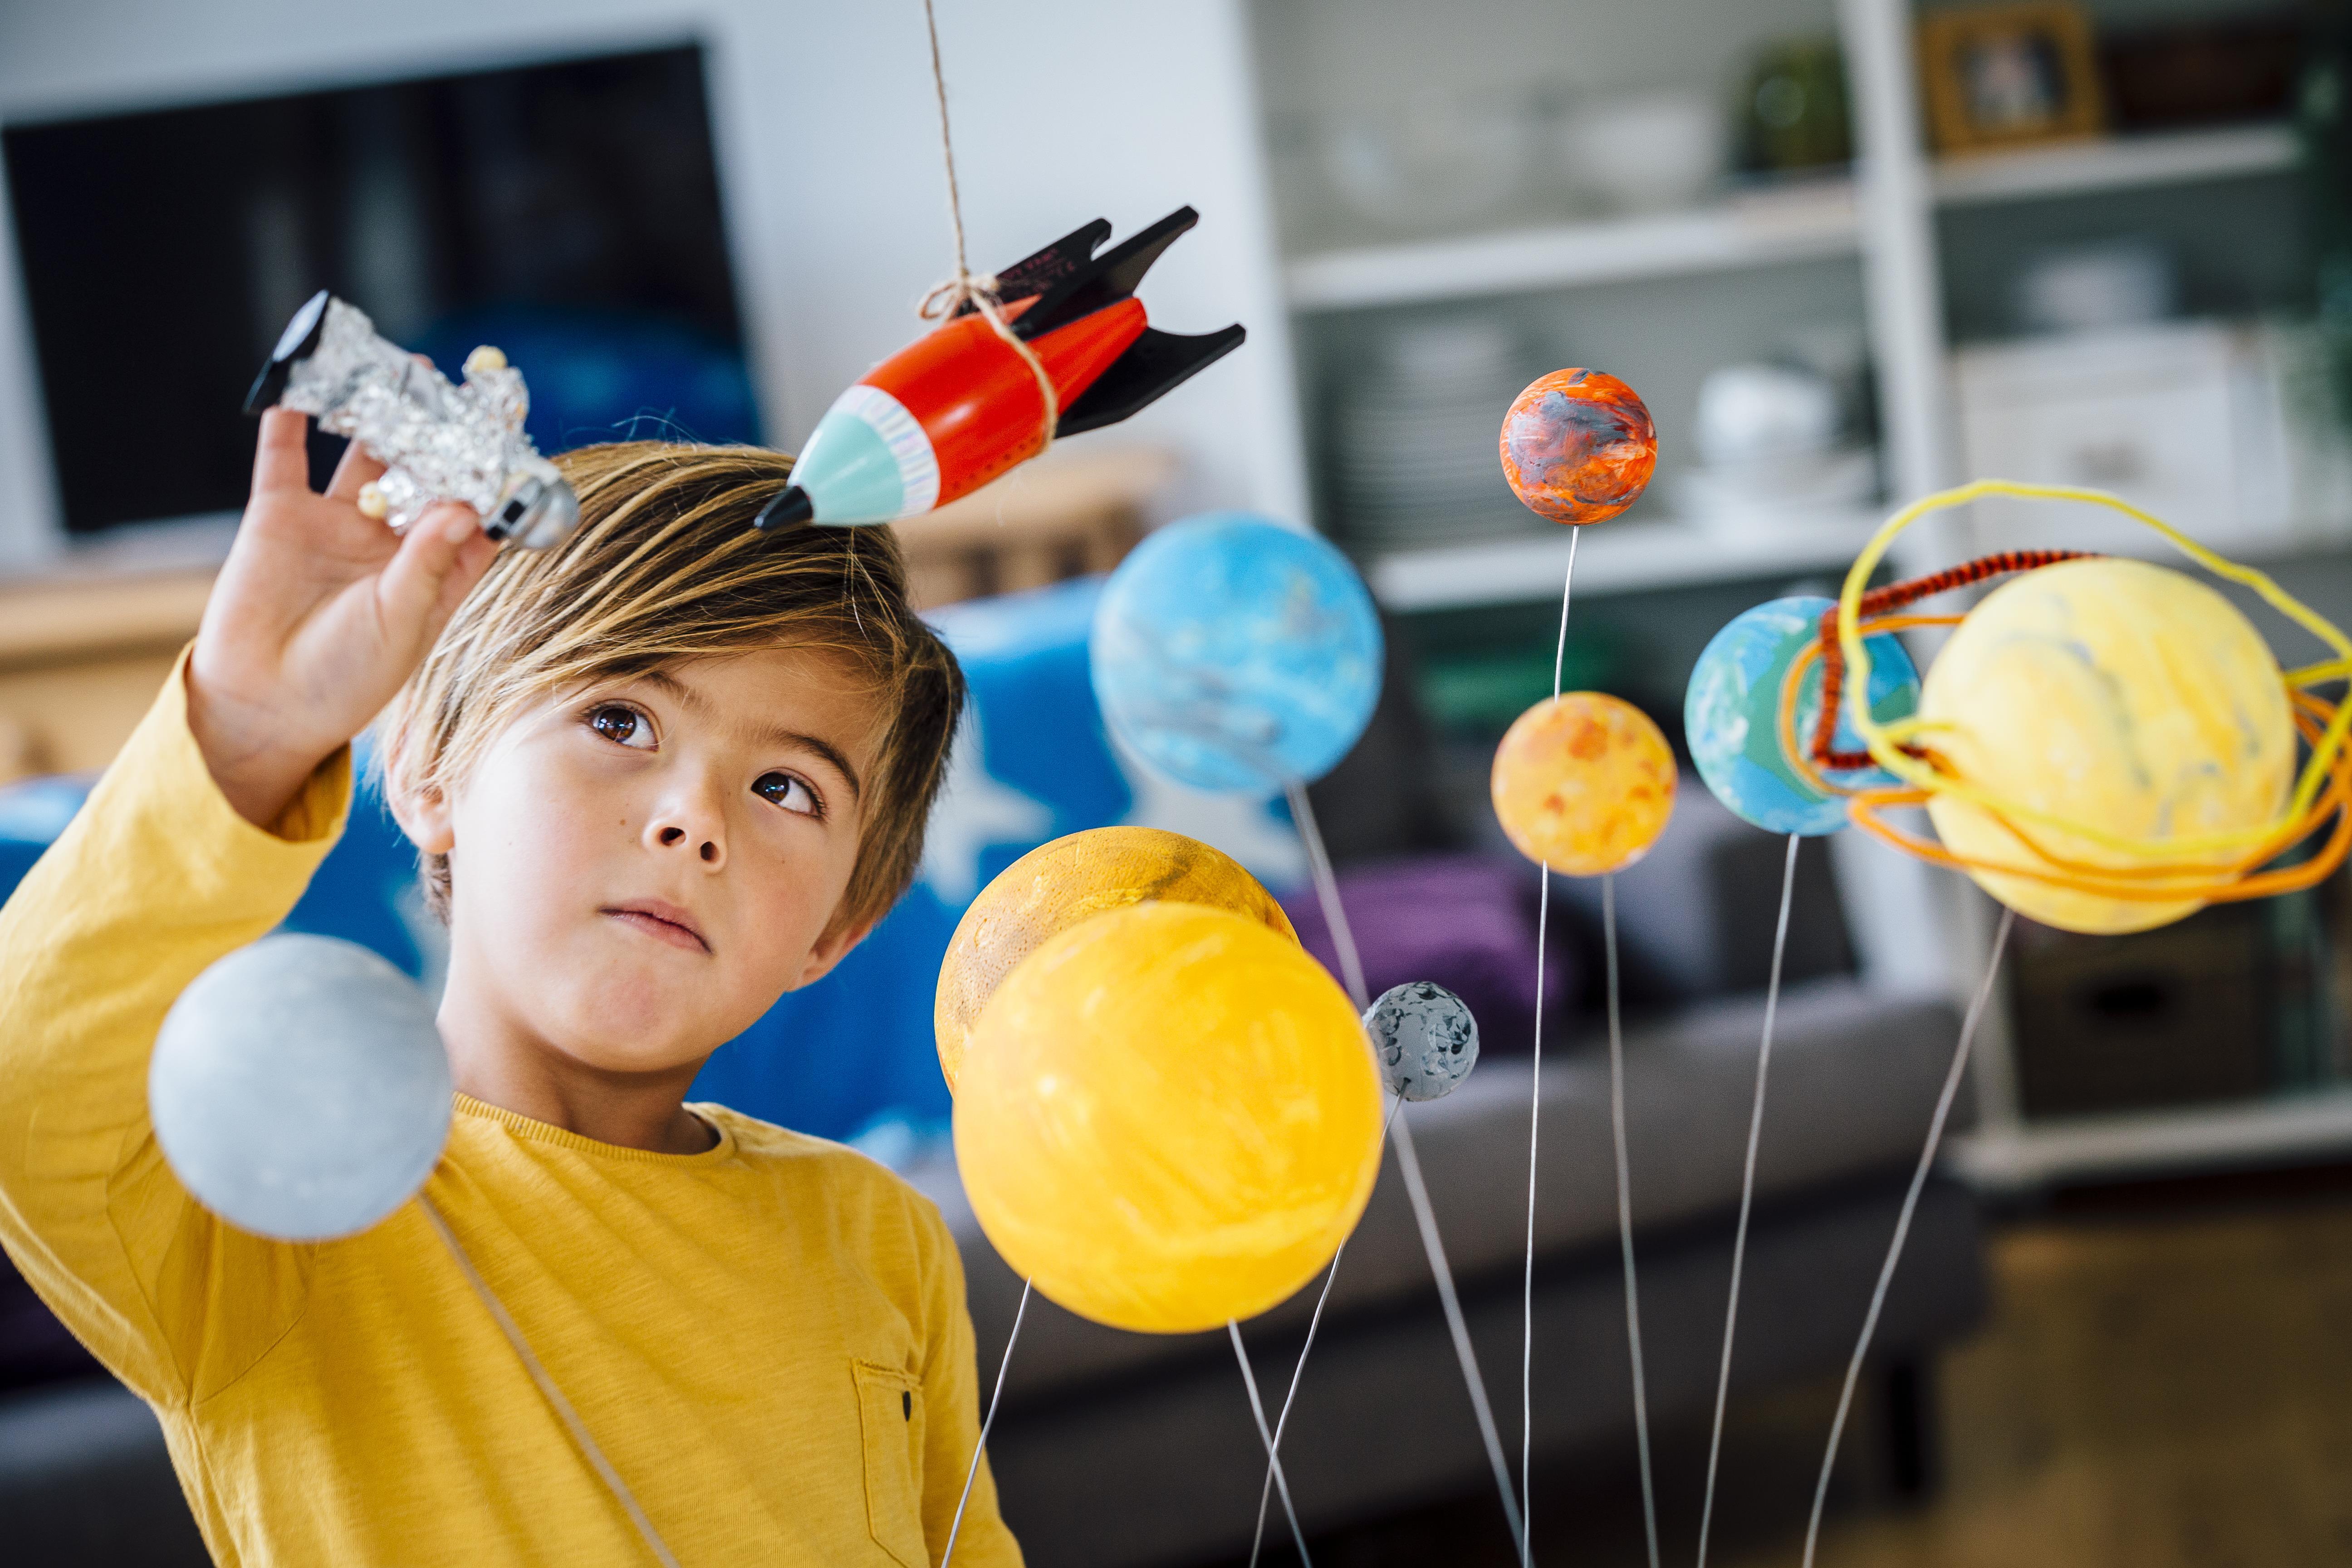 Os melhores brinquedos STEM para aprender sobre ciência